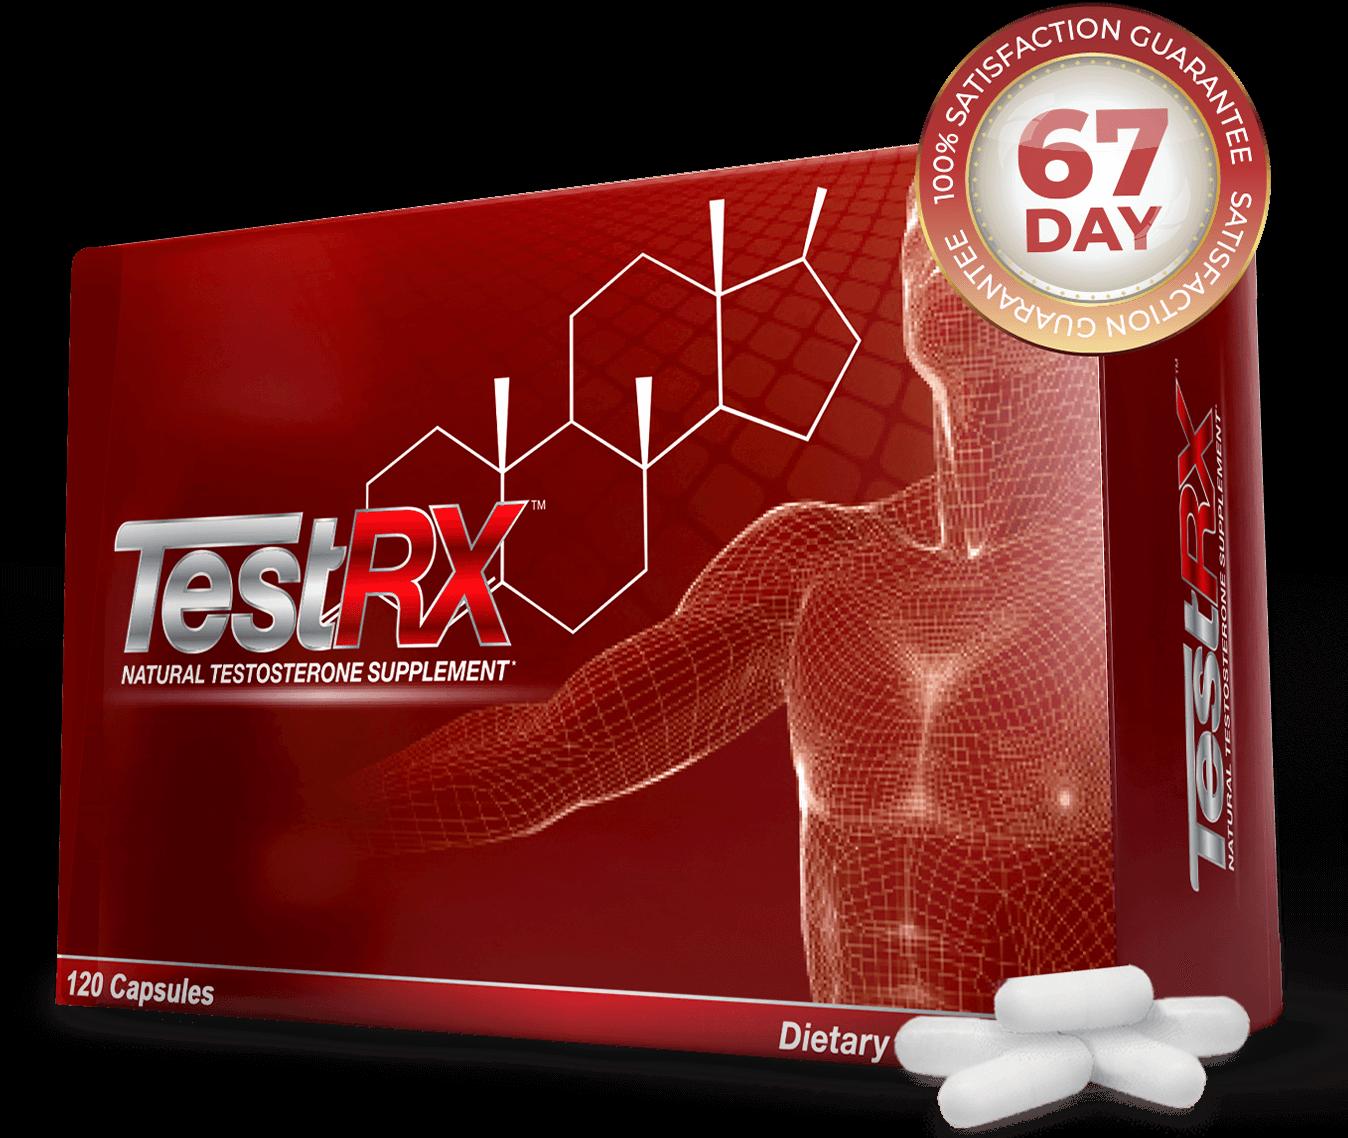 زيادة هرمون الذكورة التستوستيرون كيف يتم ذلك